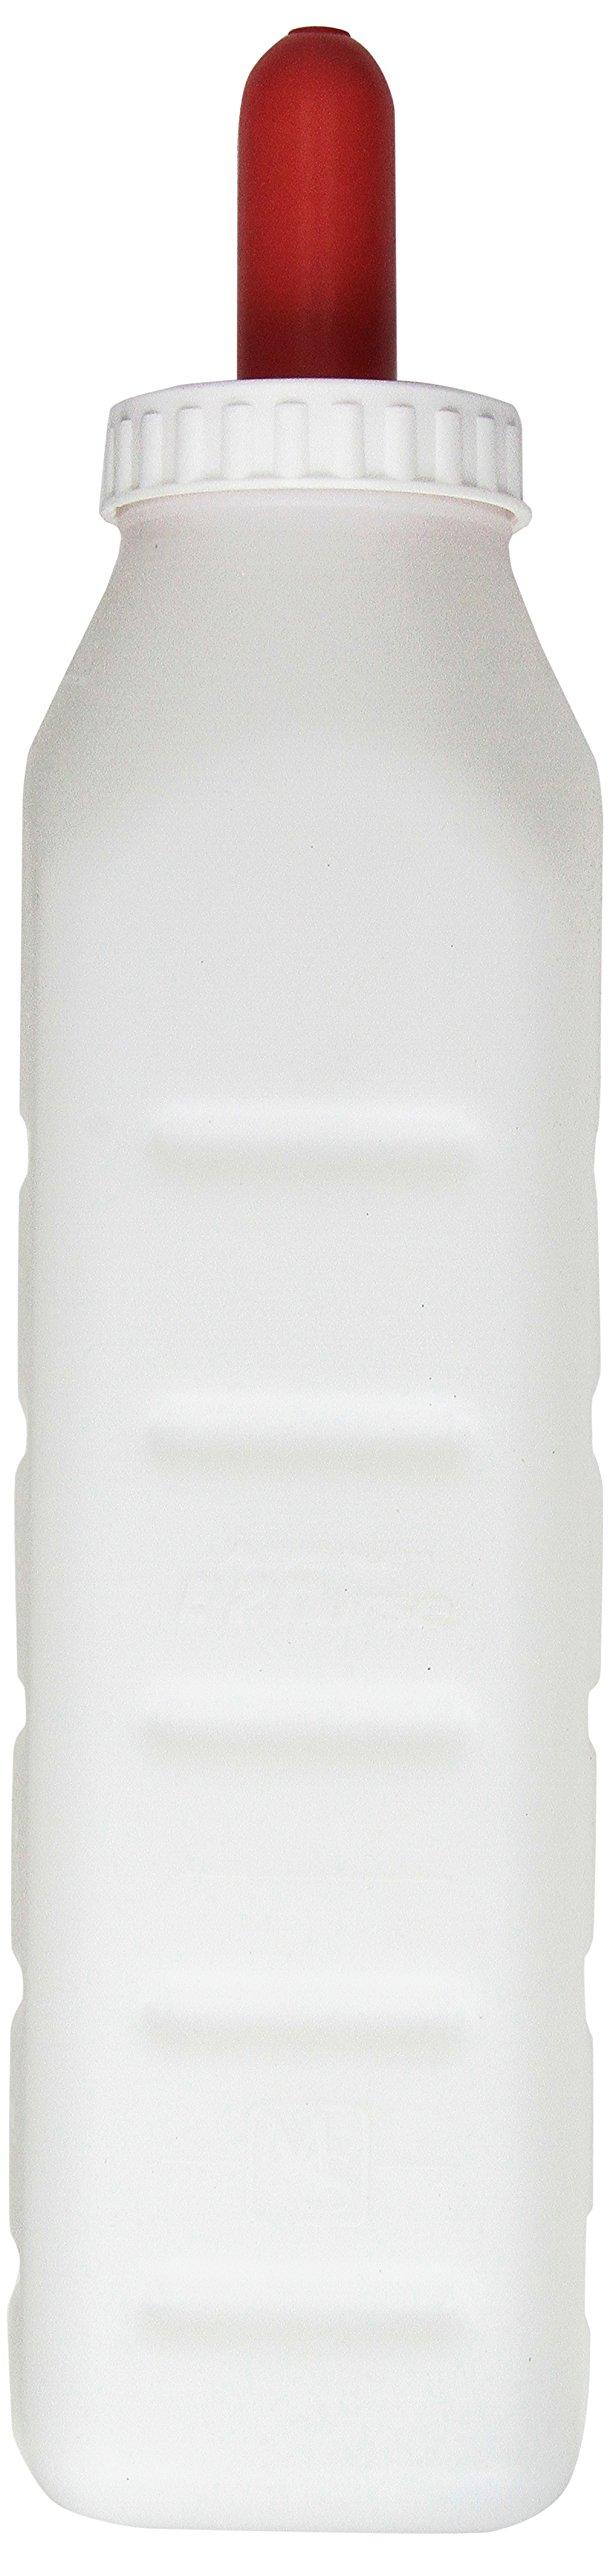 Advance 996 Screw Top Nursing Bottle Set, 3-Quart